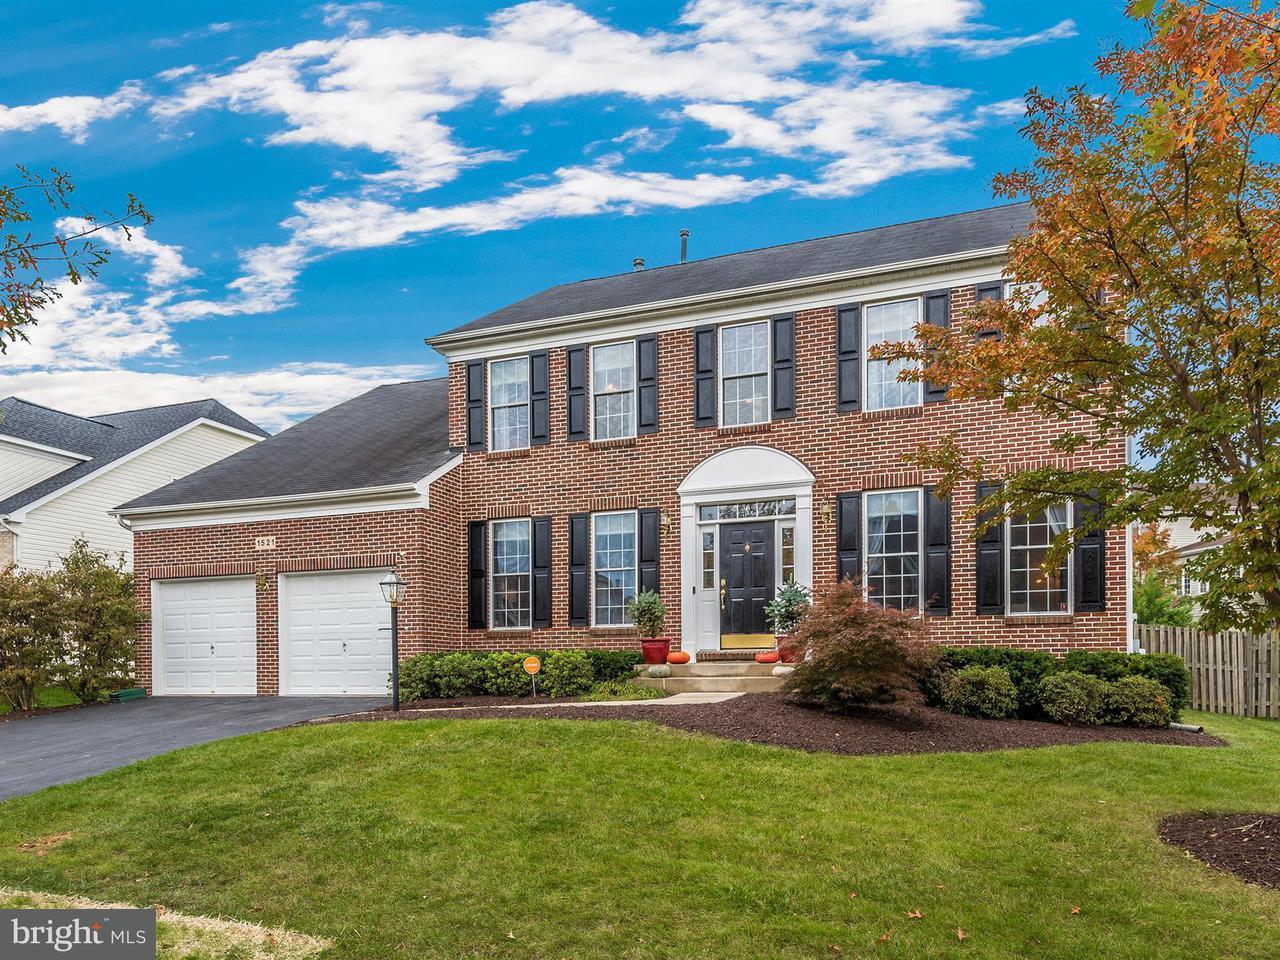 Vivienda unifamiliar por un Venta en 1521 STAR STELLA Drive 1521 STAR STELLA Drive Odenton, Maryland 21113 Estados Unidos